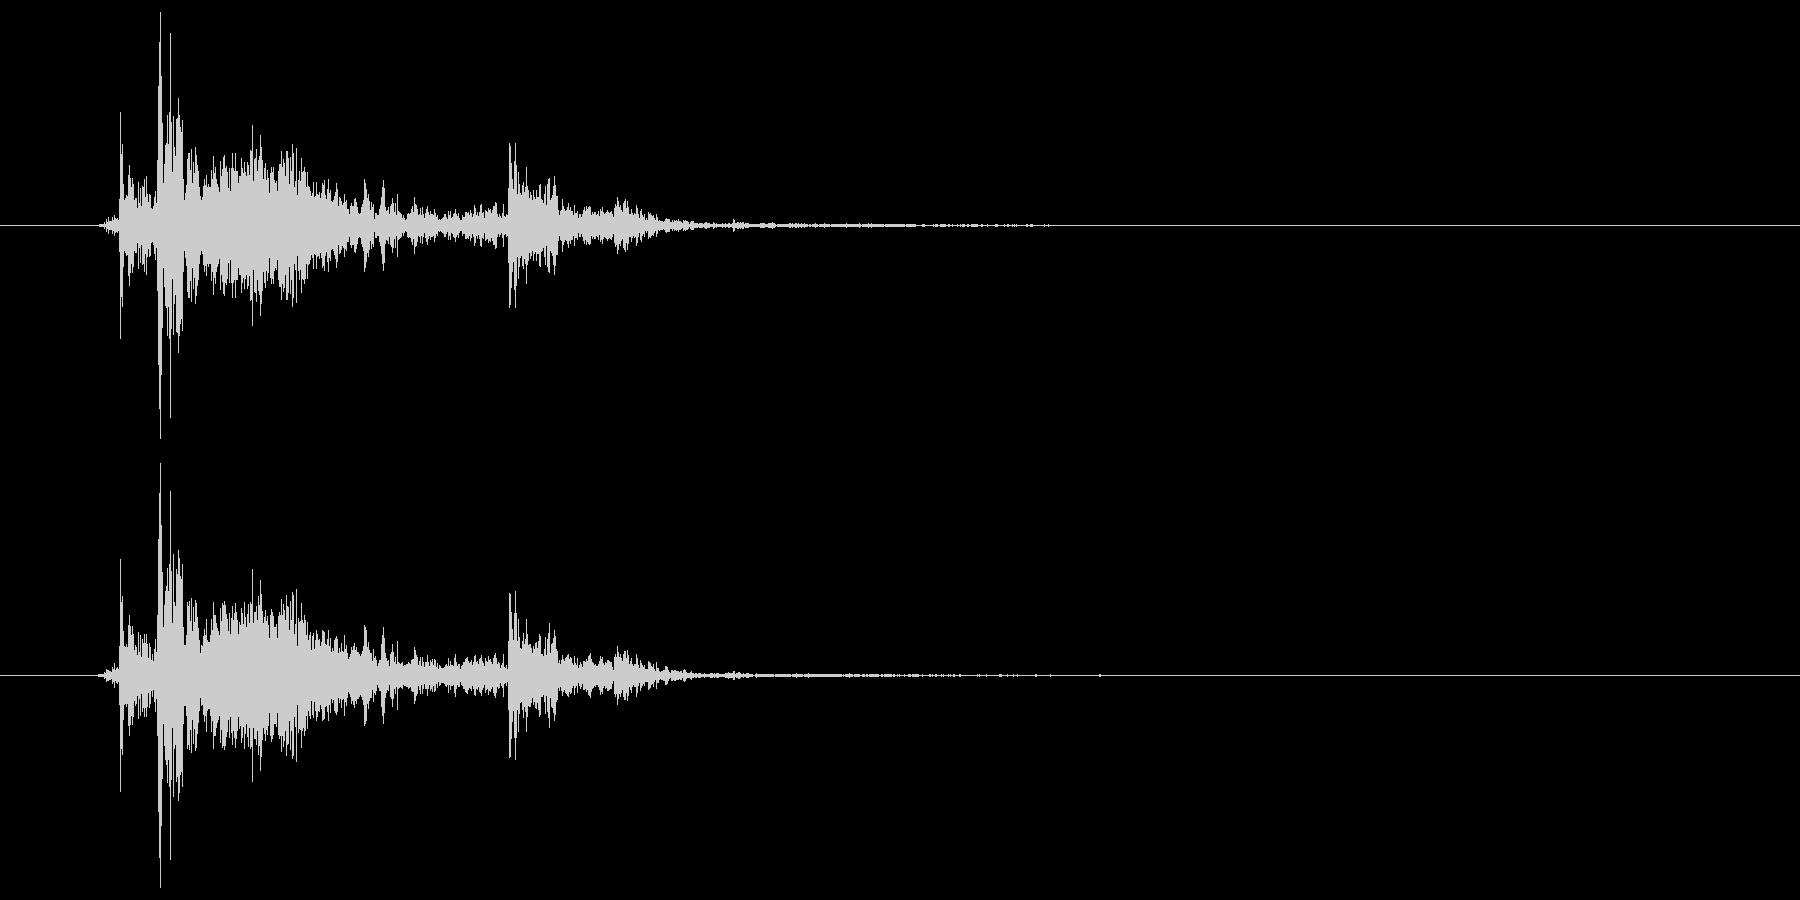 チャリン・チャリッ コイン獲得音の未再生の波形